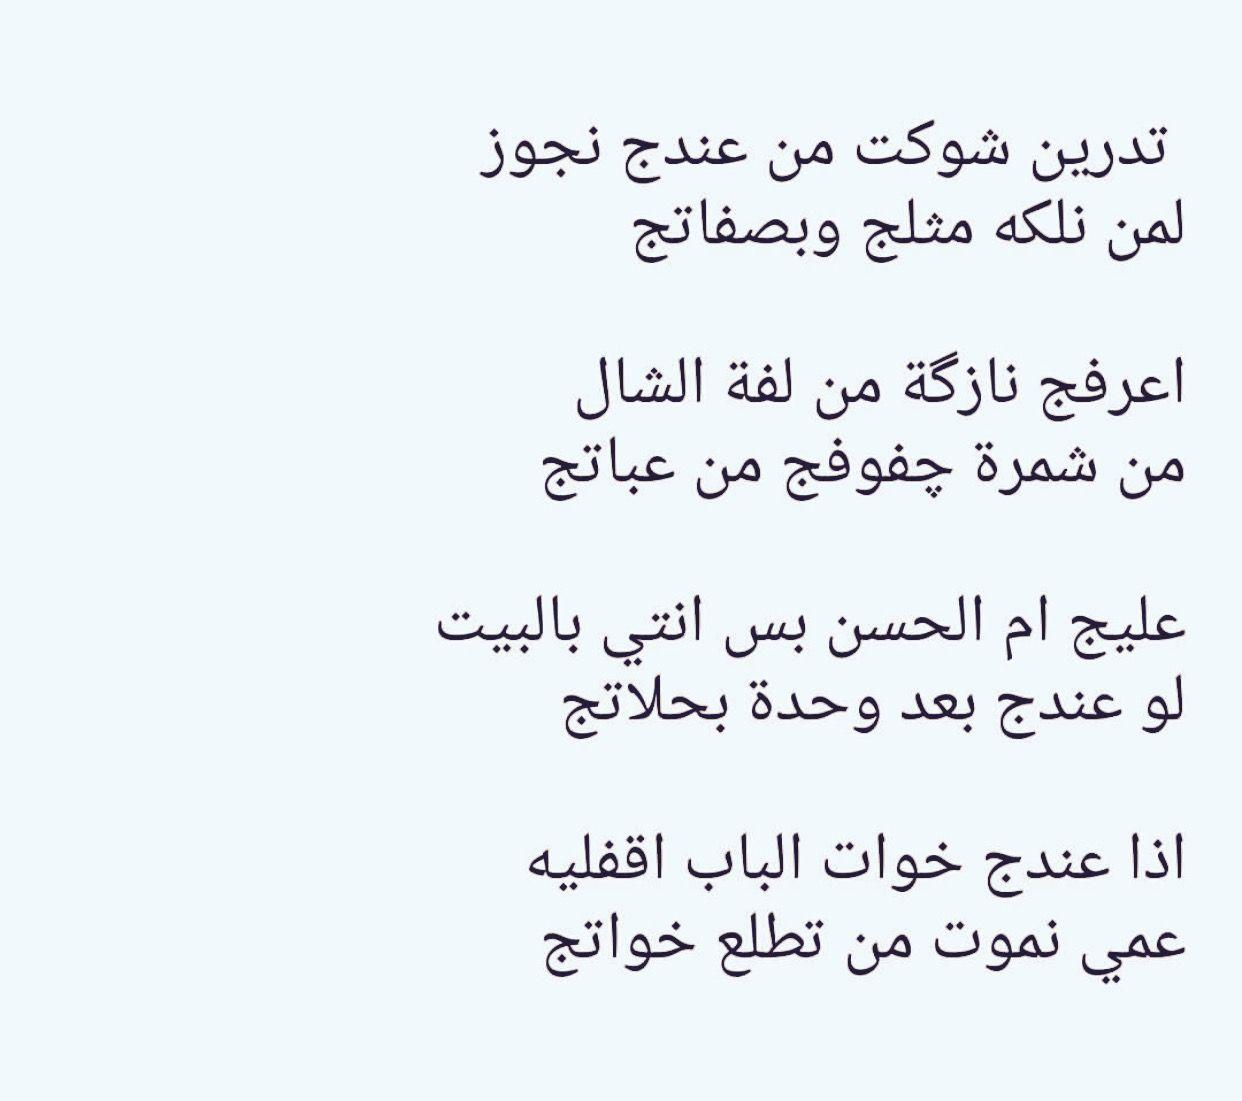 بالصور شعر غزل عراقي , اجمل شعر غزل عراقي 3640 4